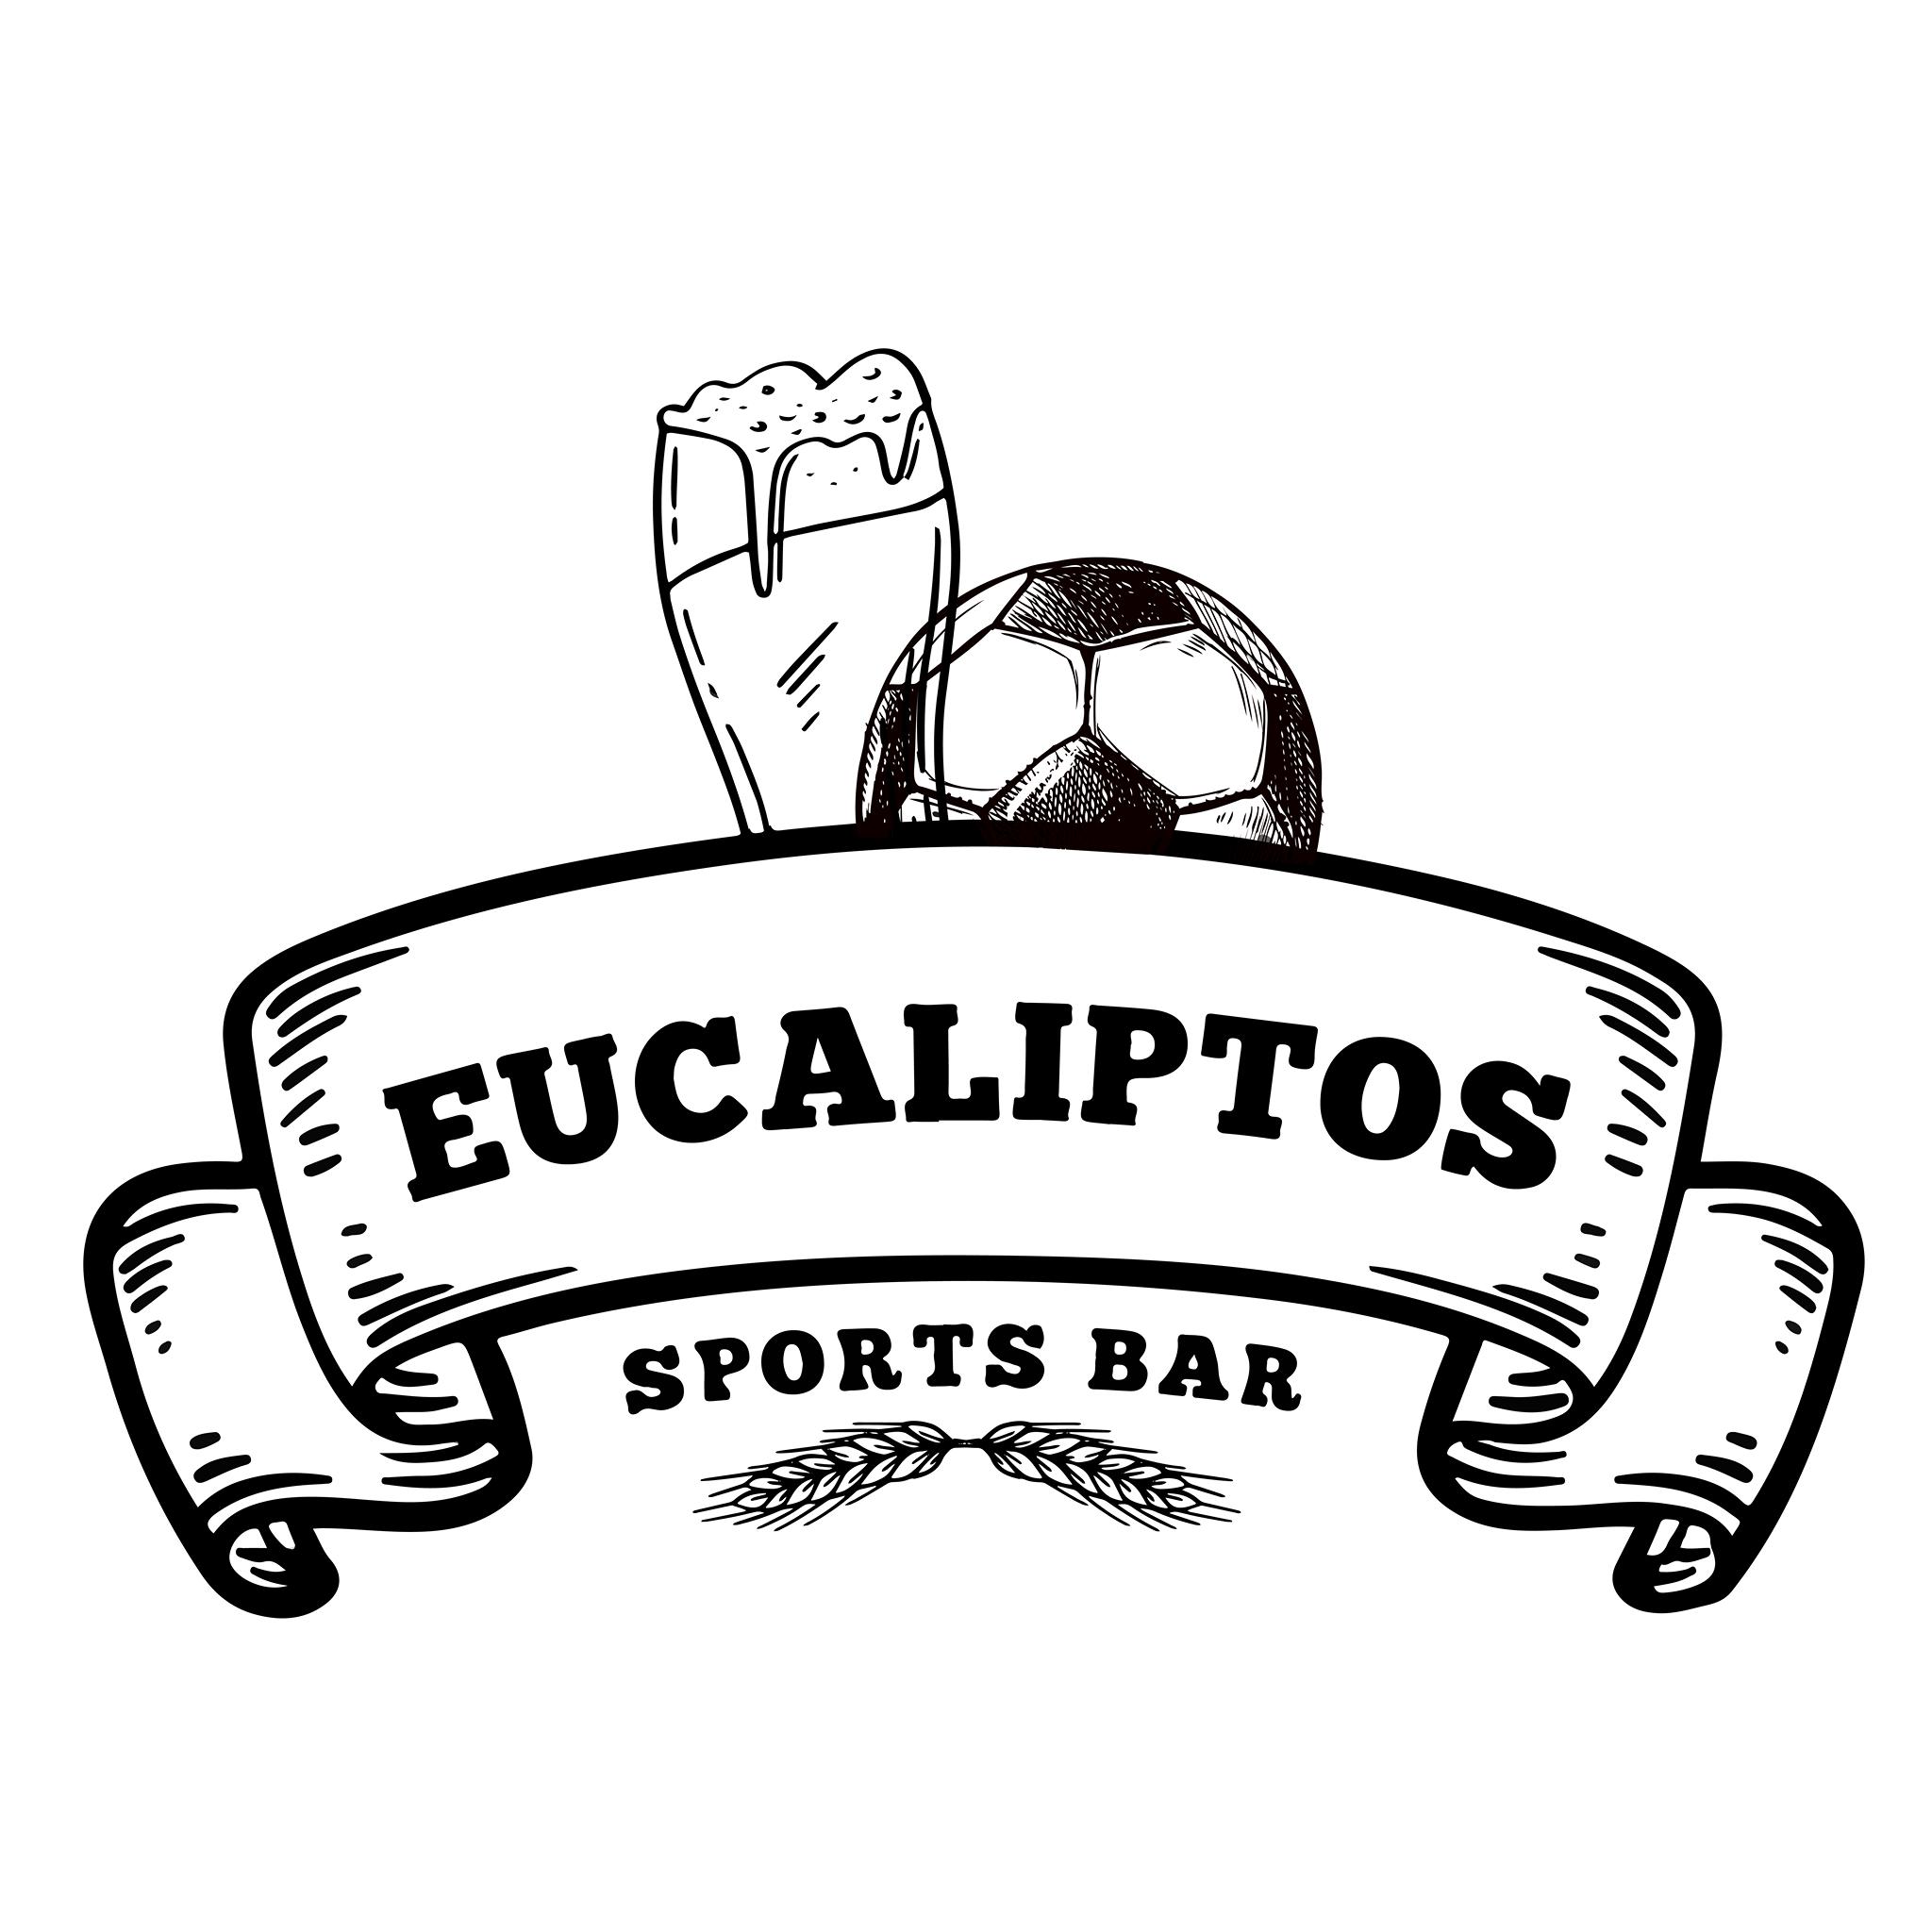 Eucaliptos Sports Bar